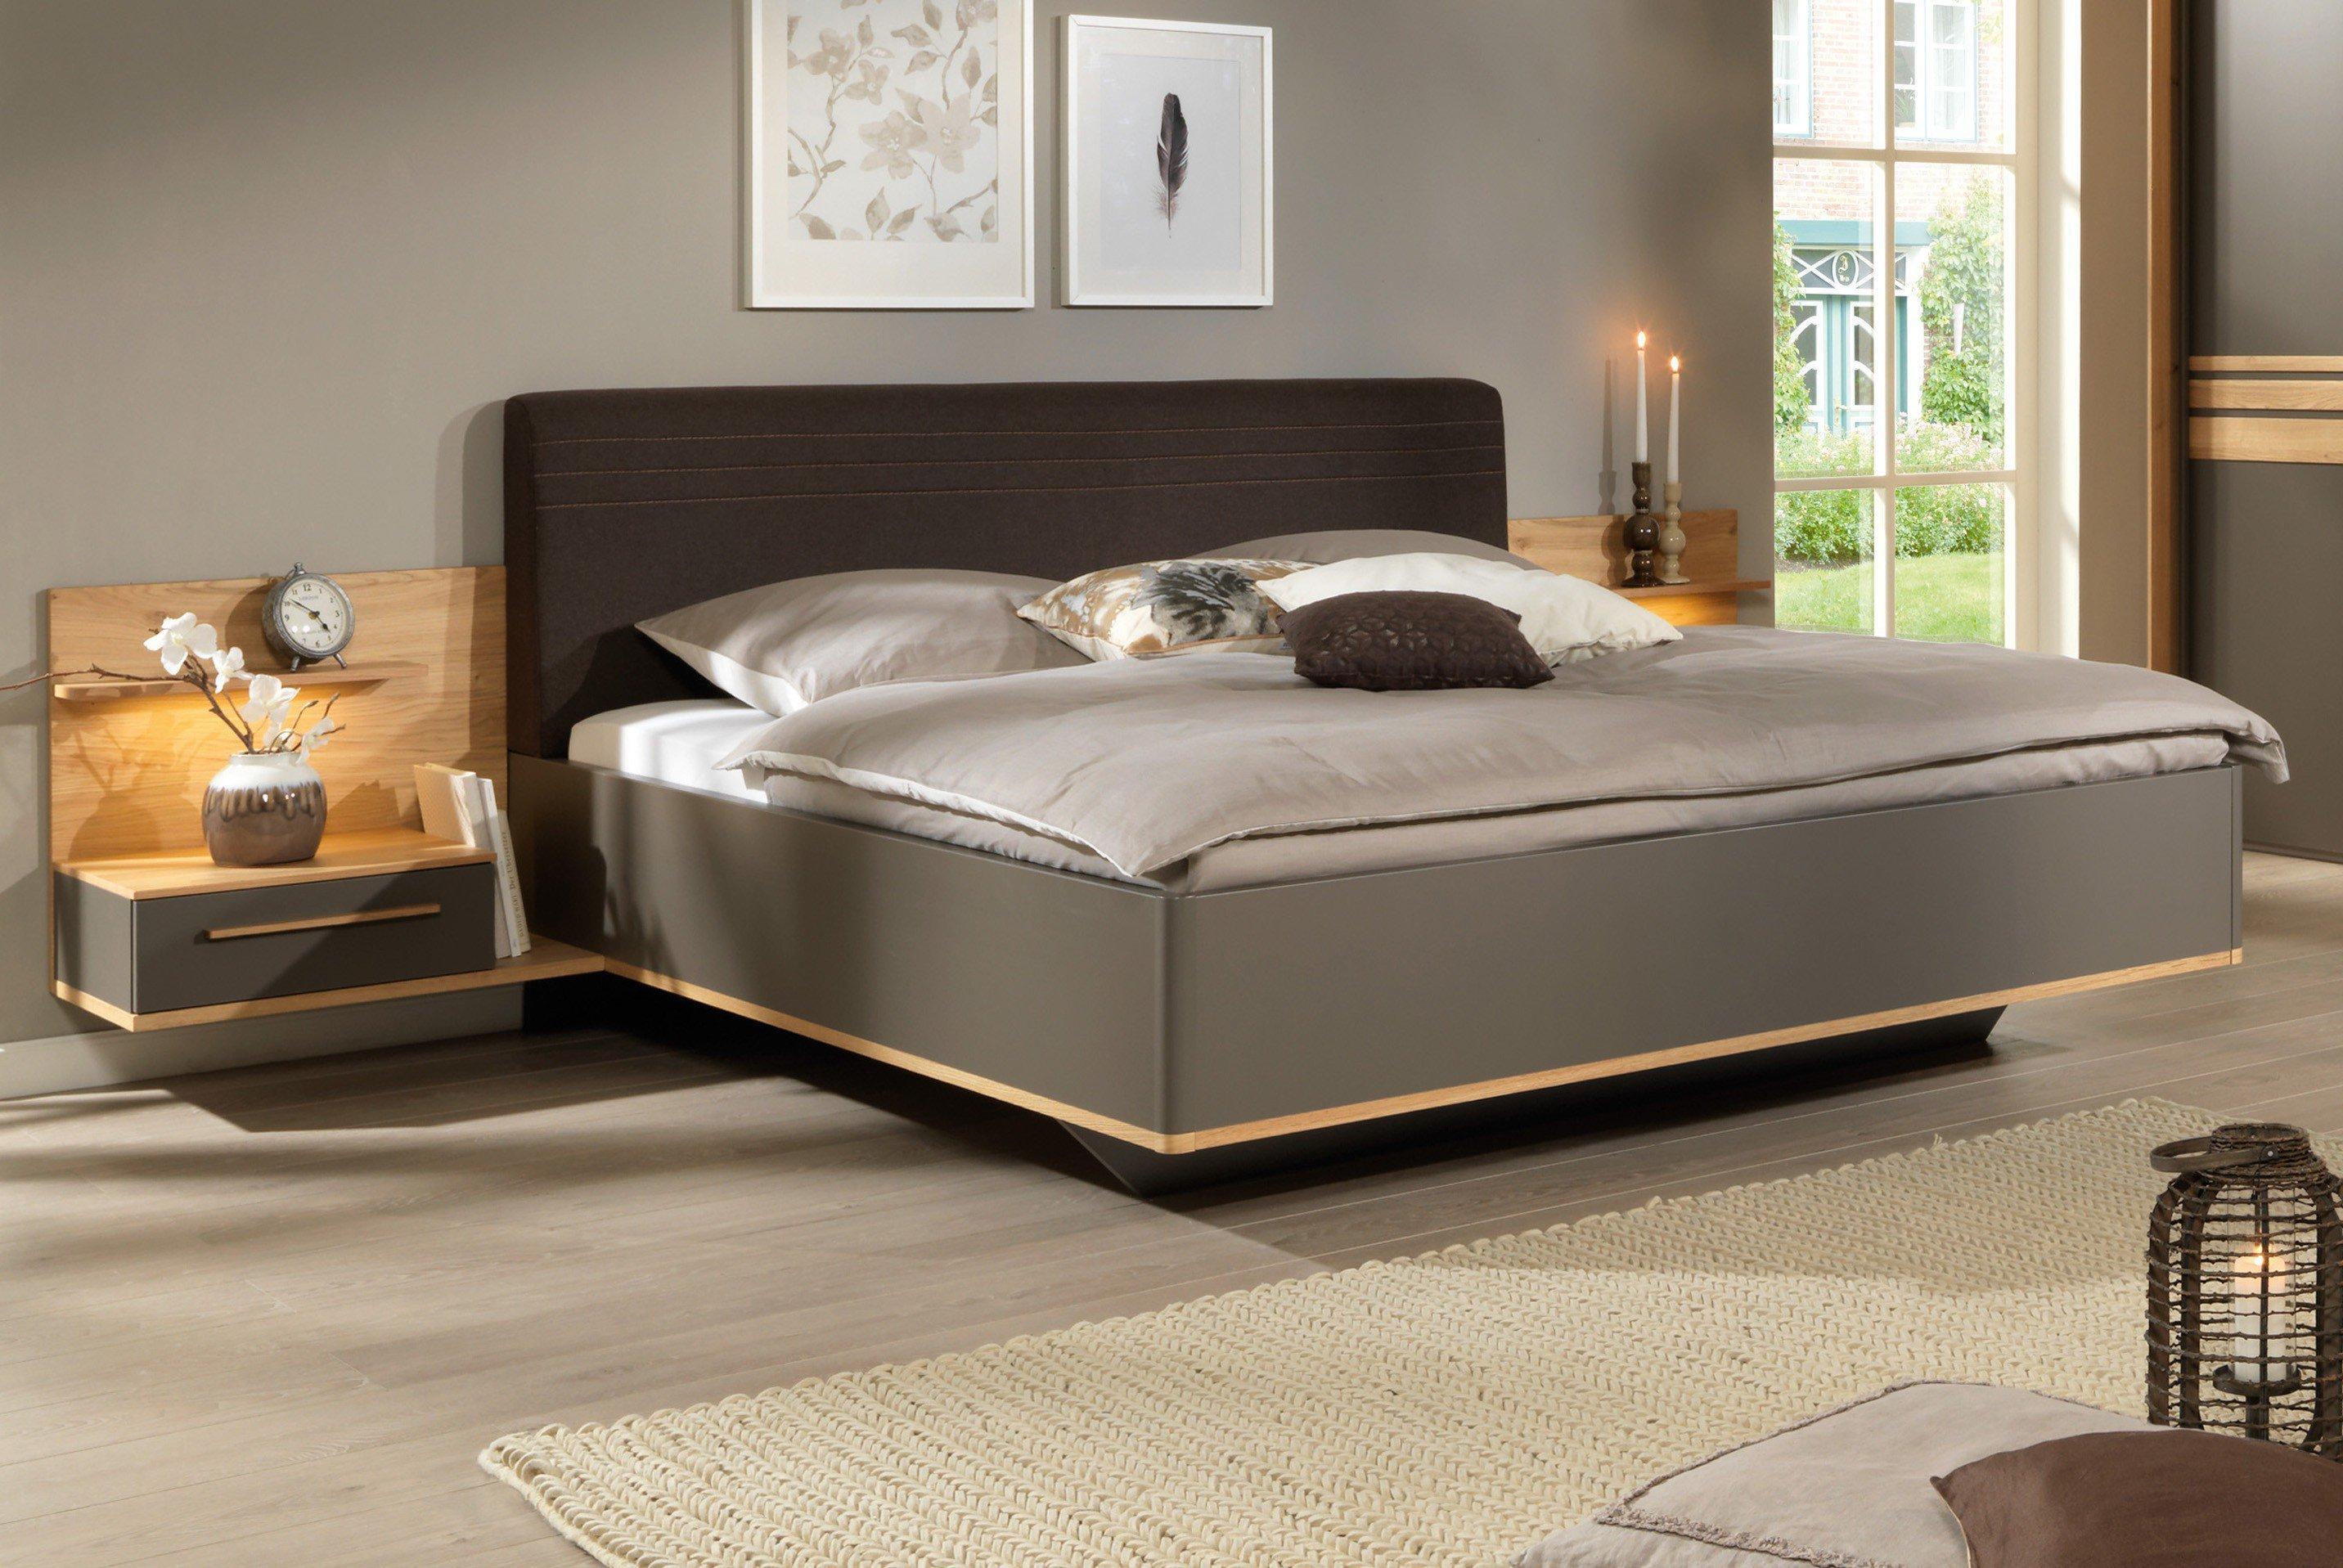 welle natura bett lava matt mit eichenholz m bel letz ihr online shop. Black Bedroom Furniture Sets. Home Design Ideas